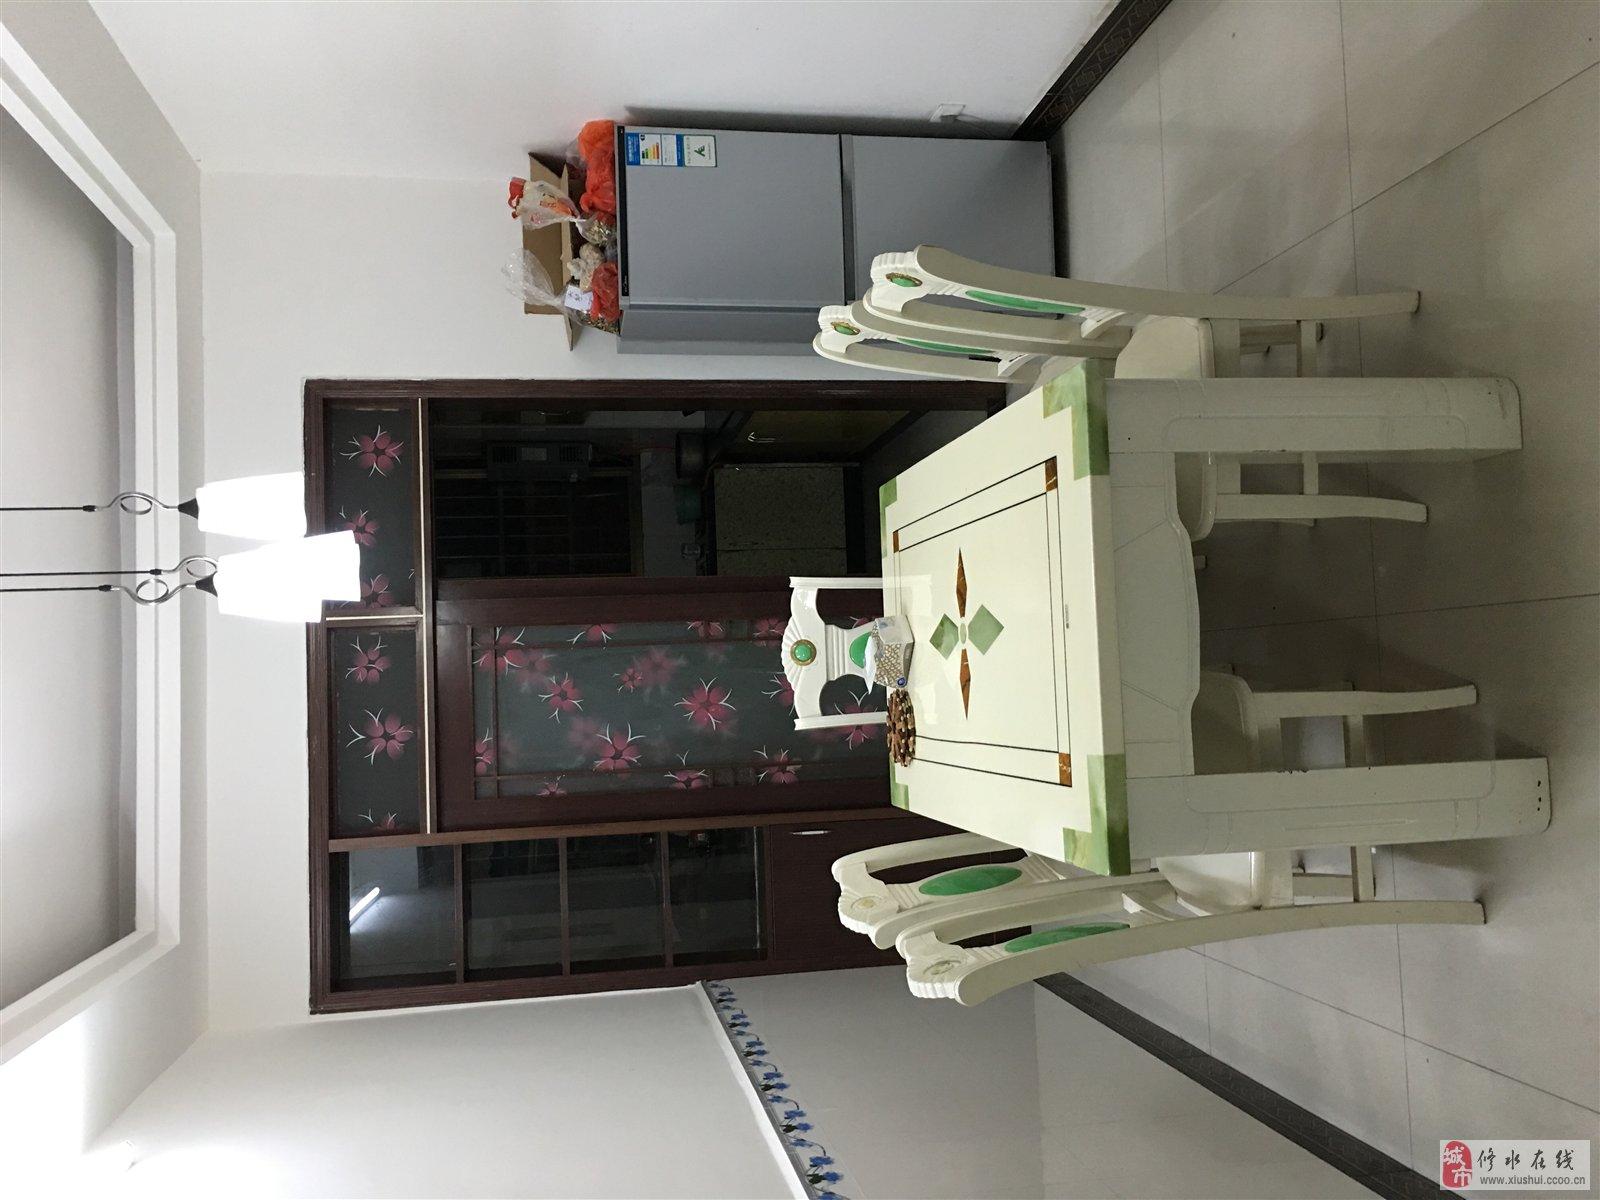 96平方米房子简装装修修图